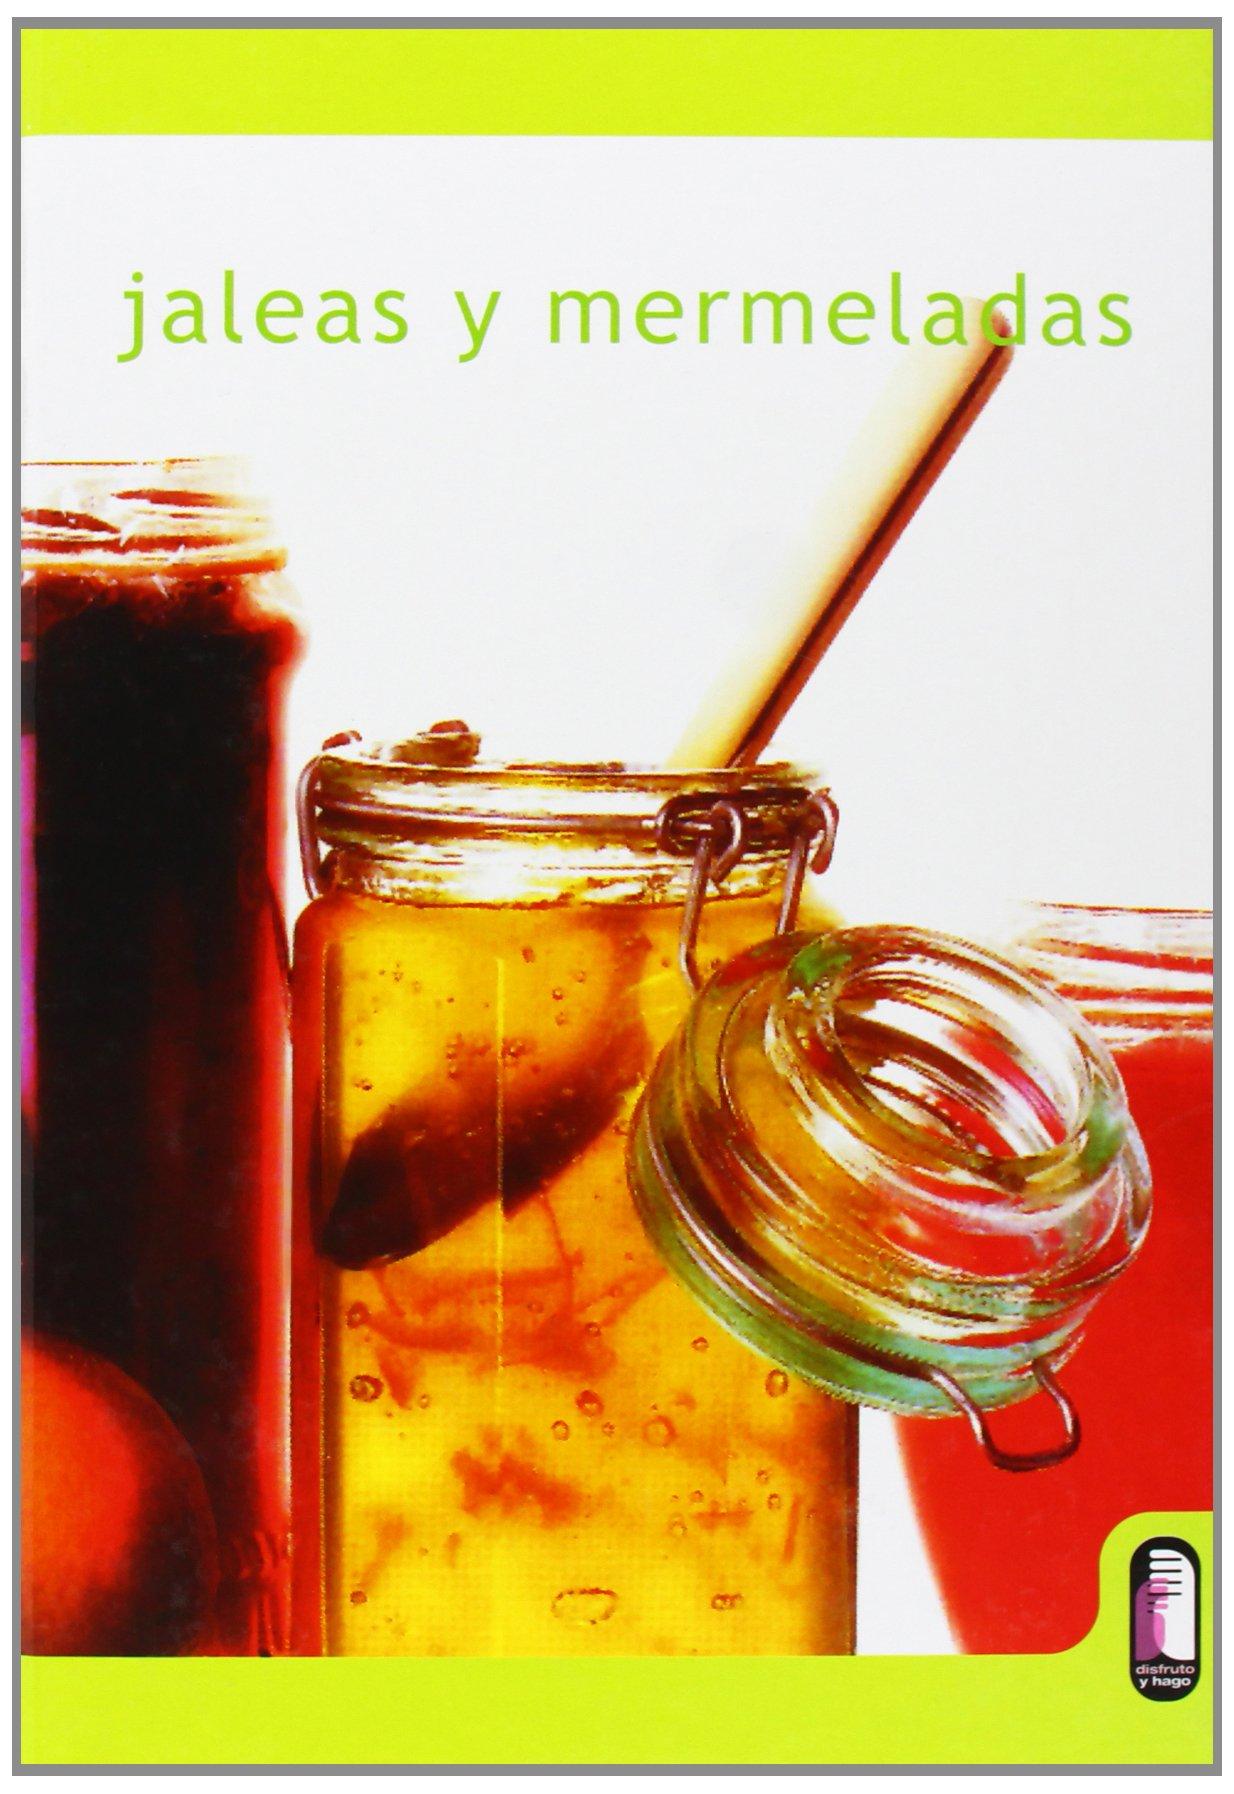 jaleas y mermeladas / jellies and jams